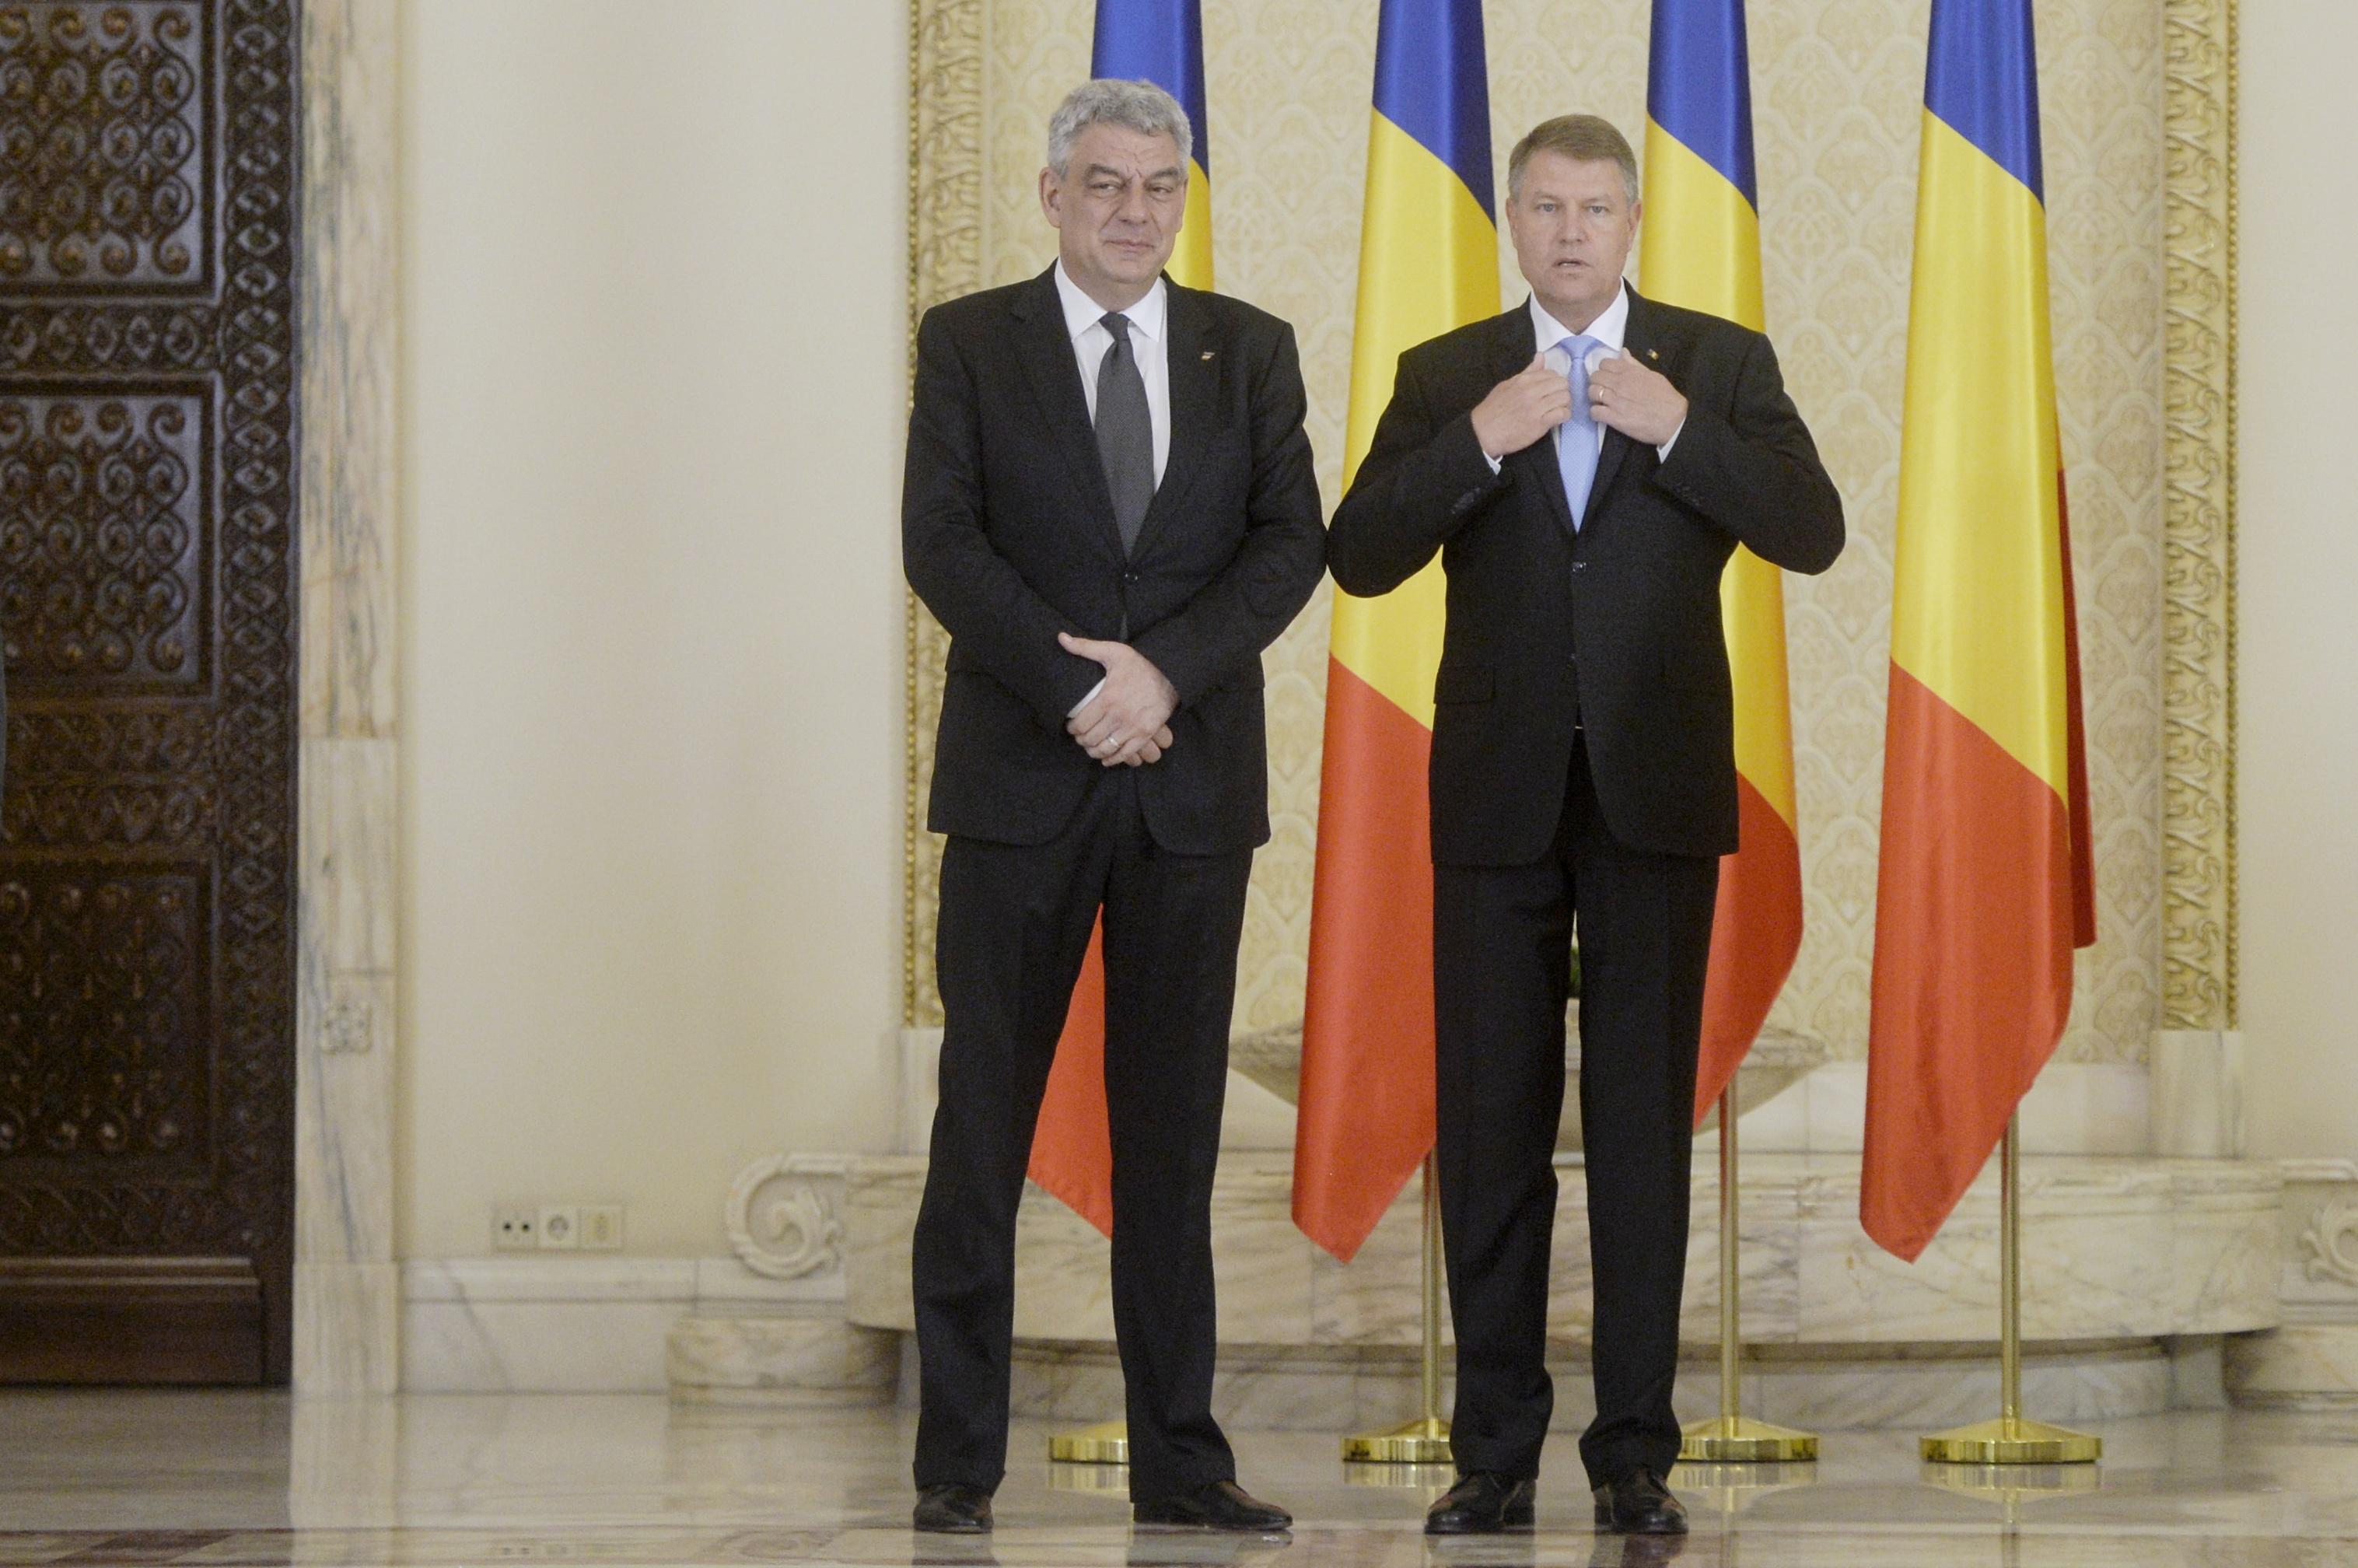 Premierul Tudose, despre întâlnirea cu Iohannis înaintea celei de la partid: Discuţia a fost dacă poate semna actele săptămâna aceasta